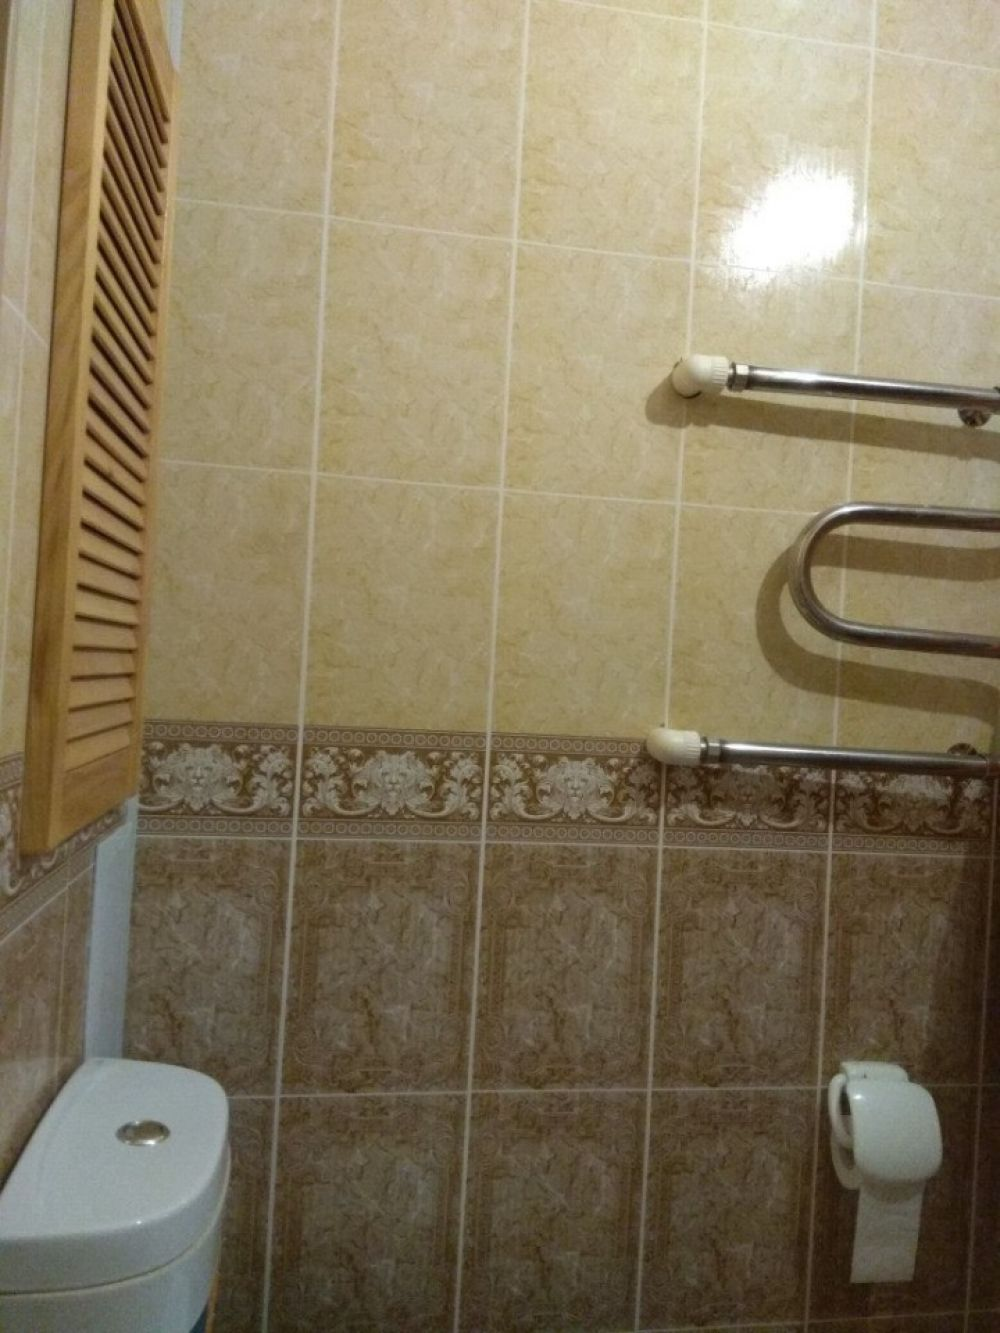 Однокомнатная квартира 44 м2, микрорайон Богородский д.1, фото 4